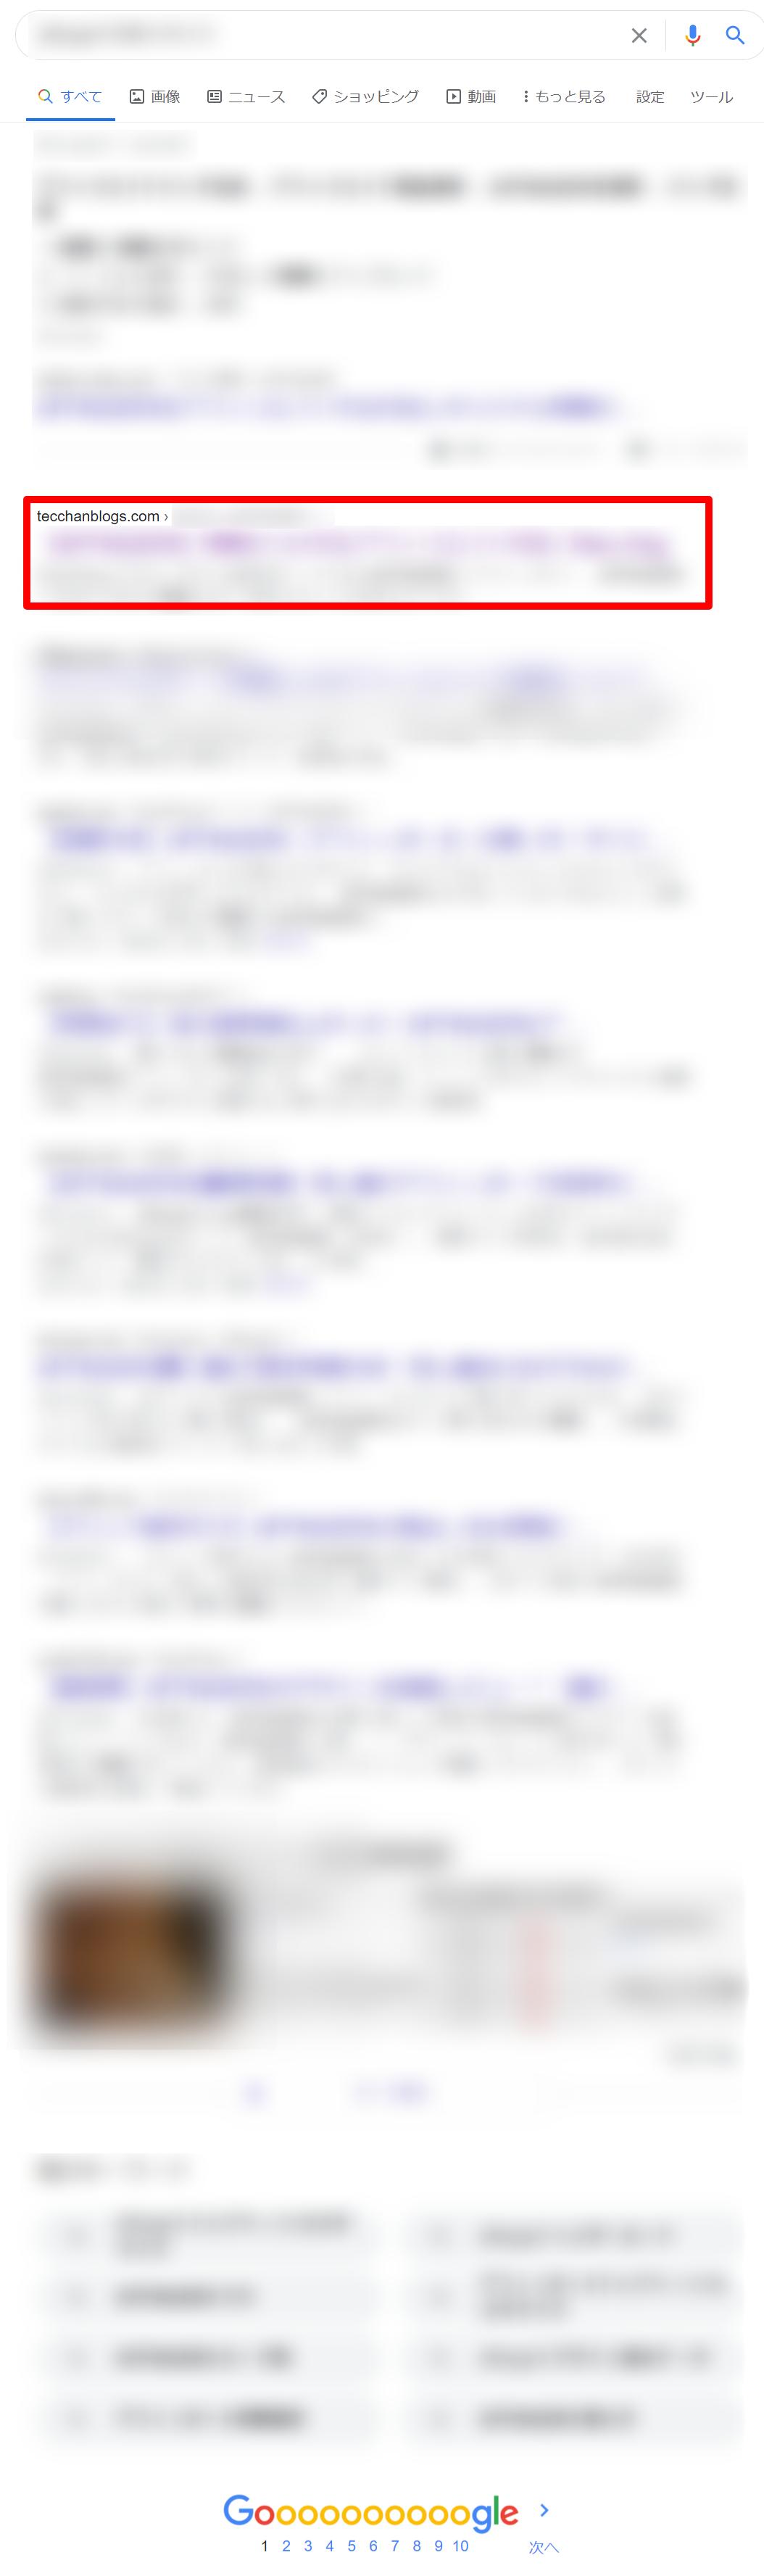 ブログネタが被った場合の検索順位